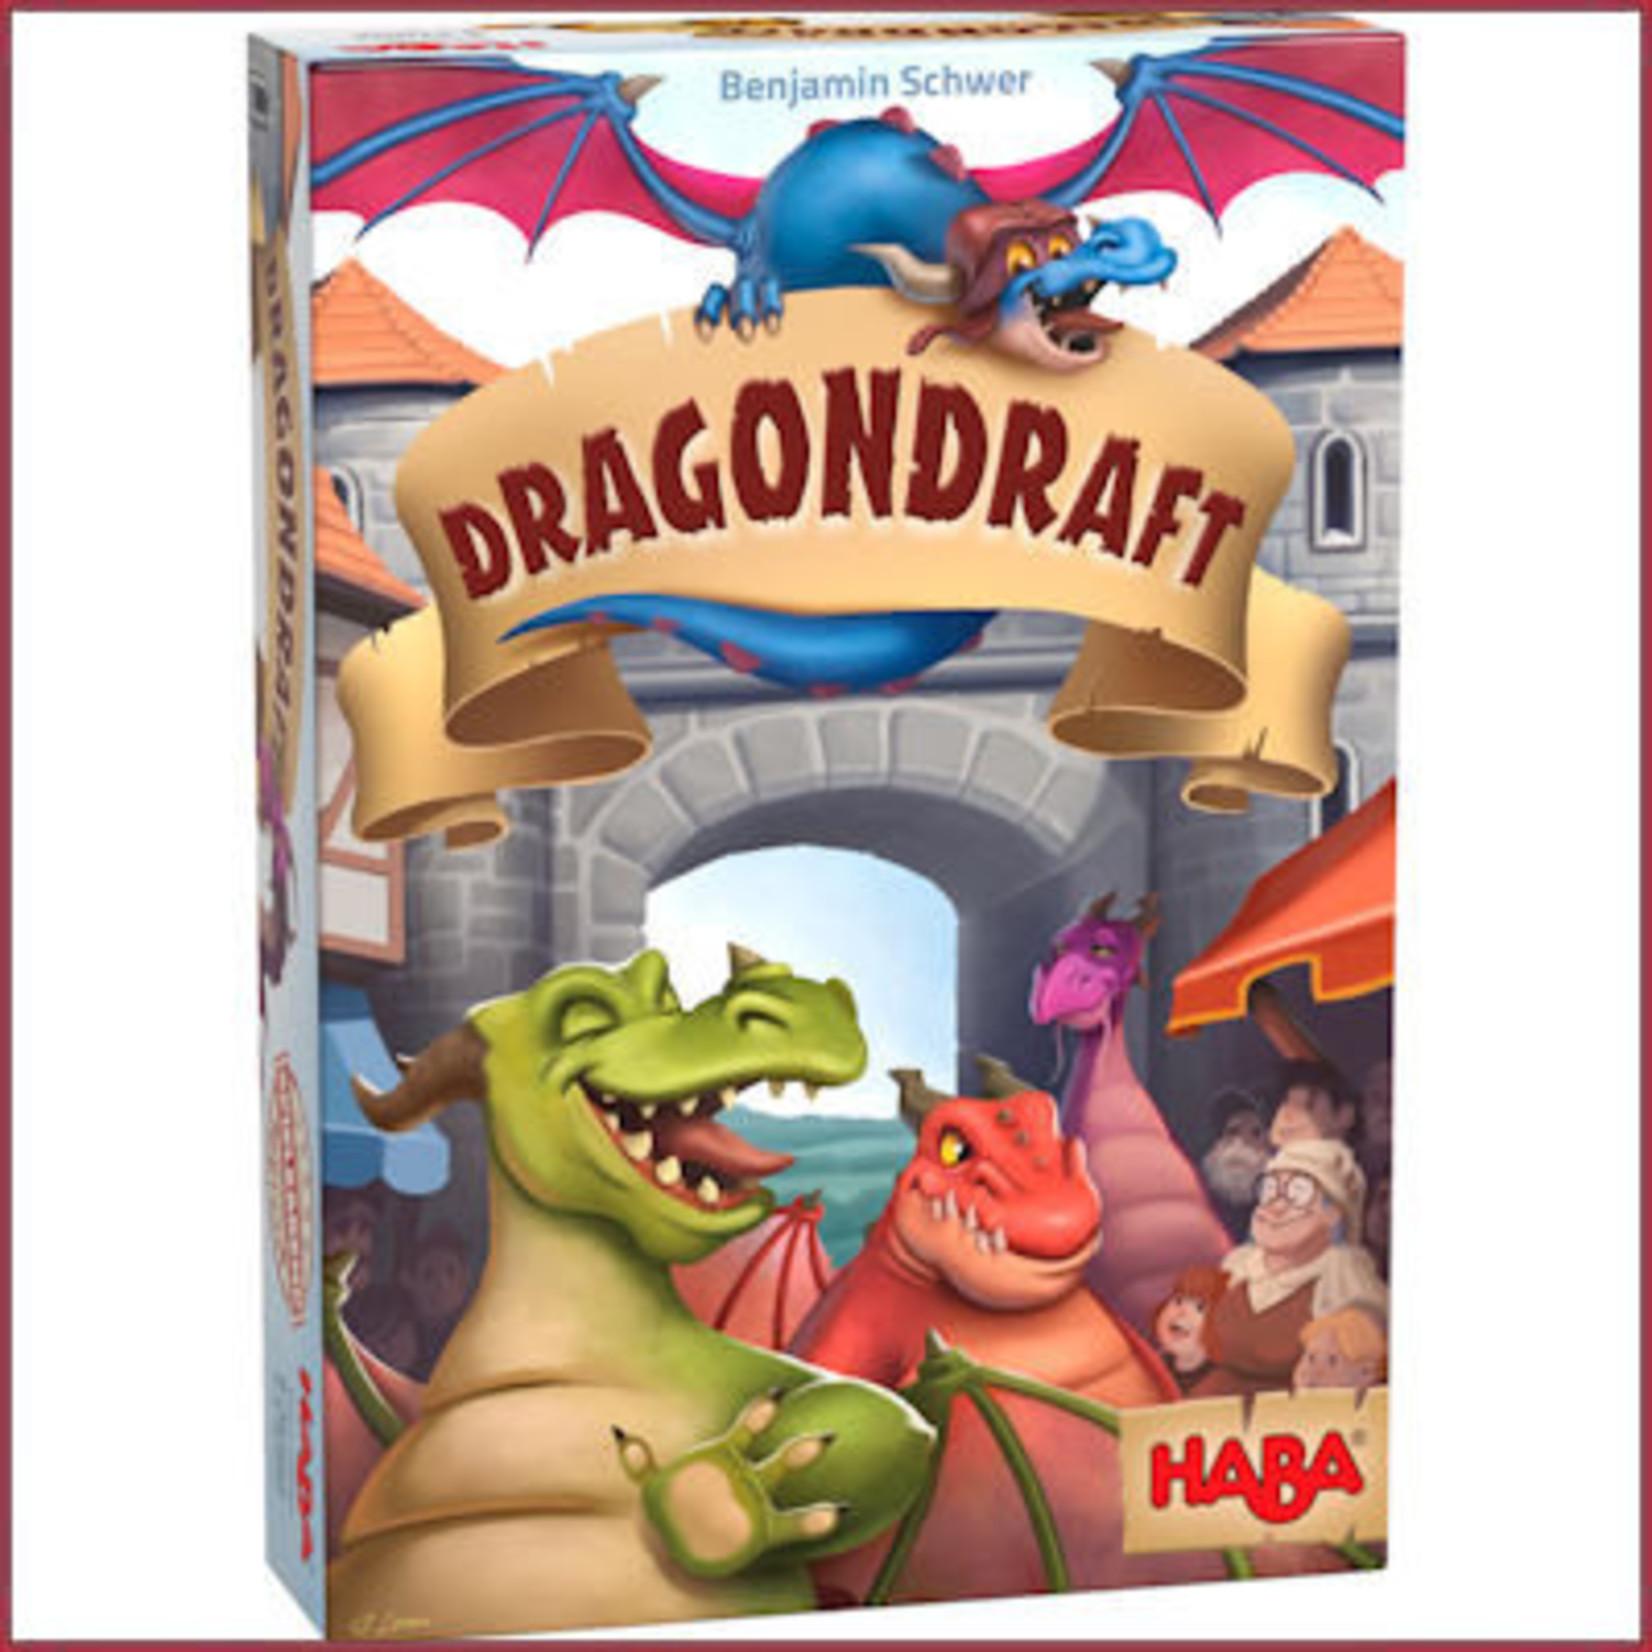 Haba Spel Dragondraft